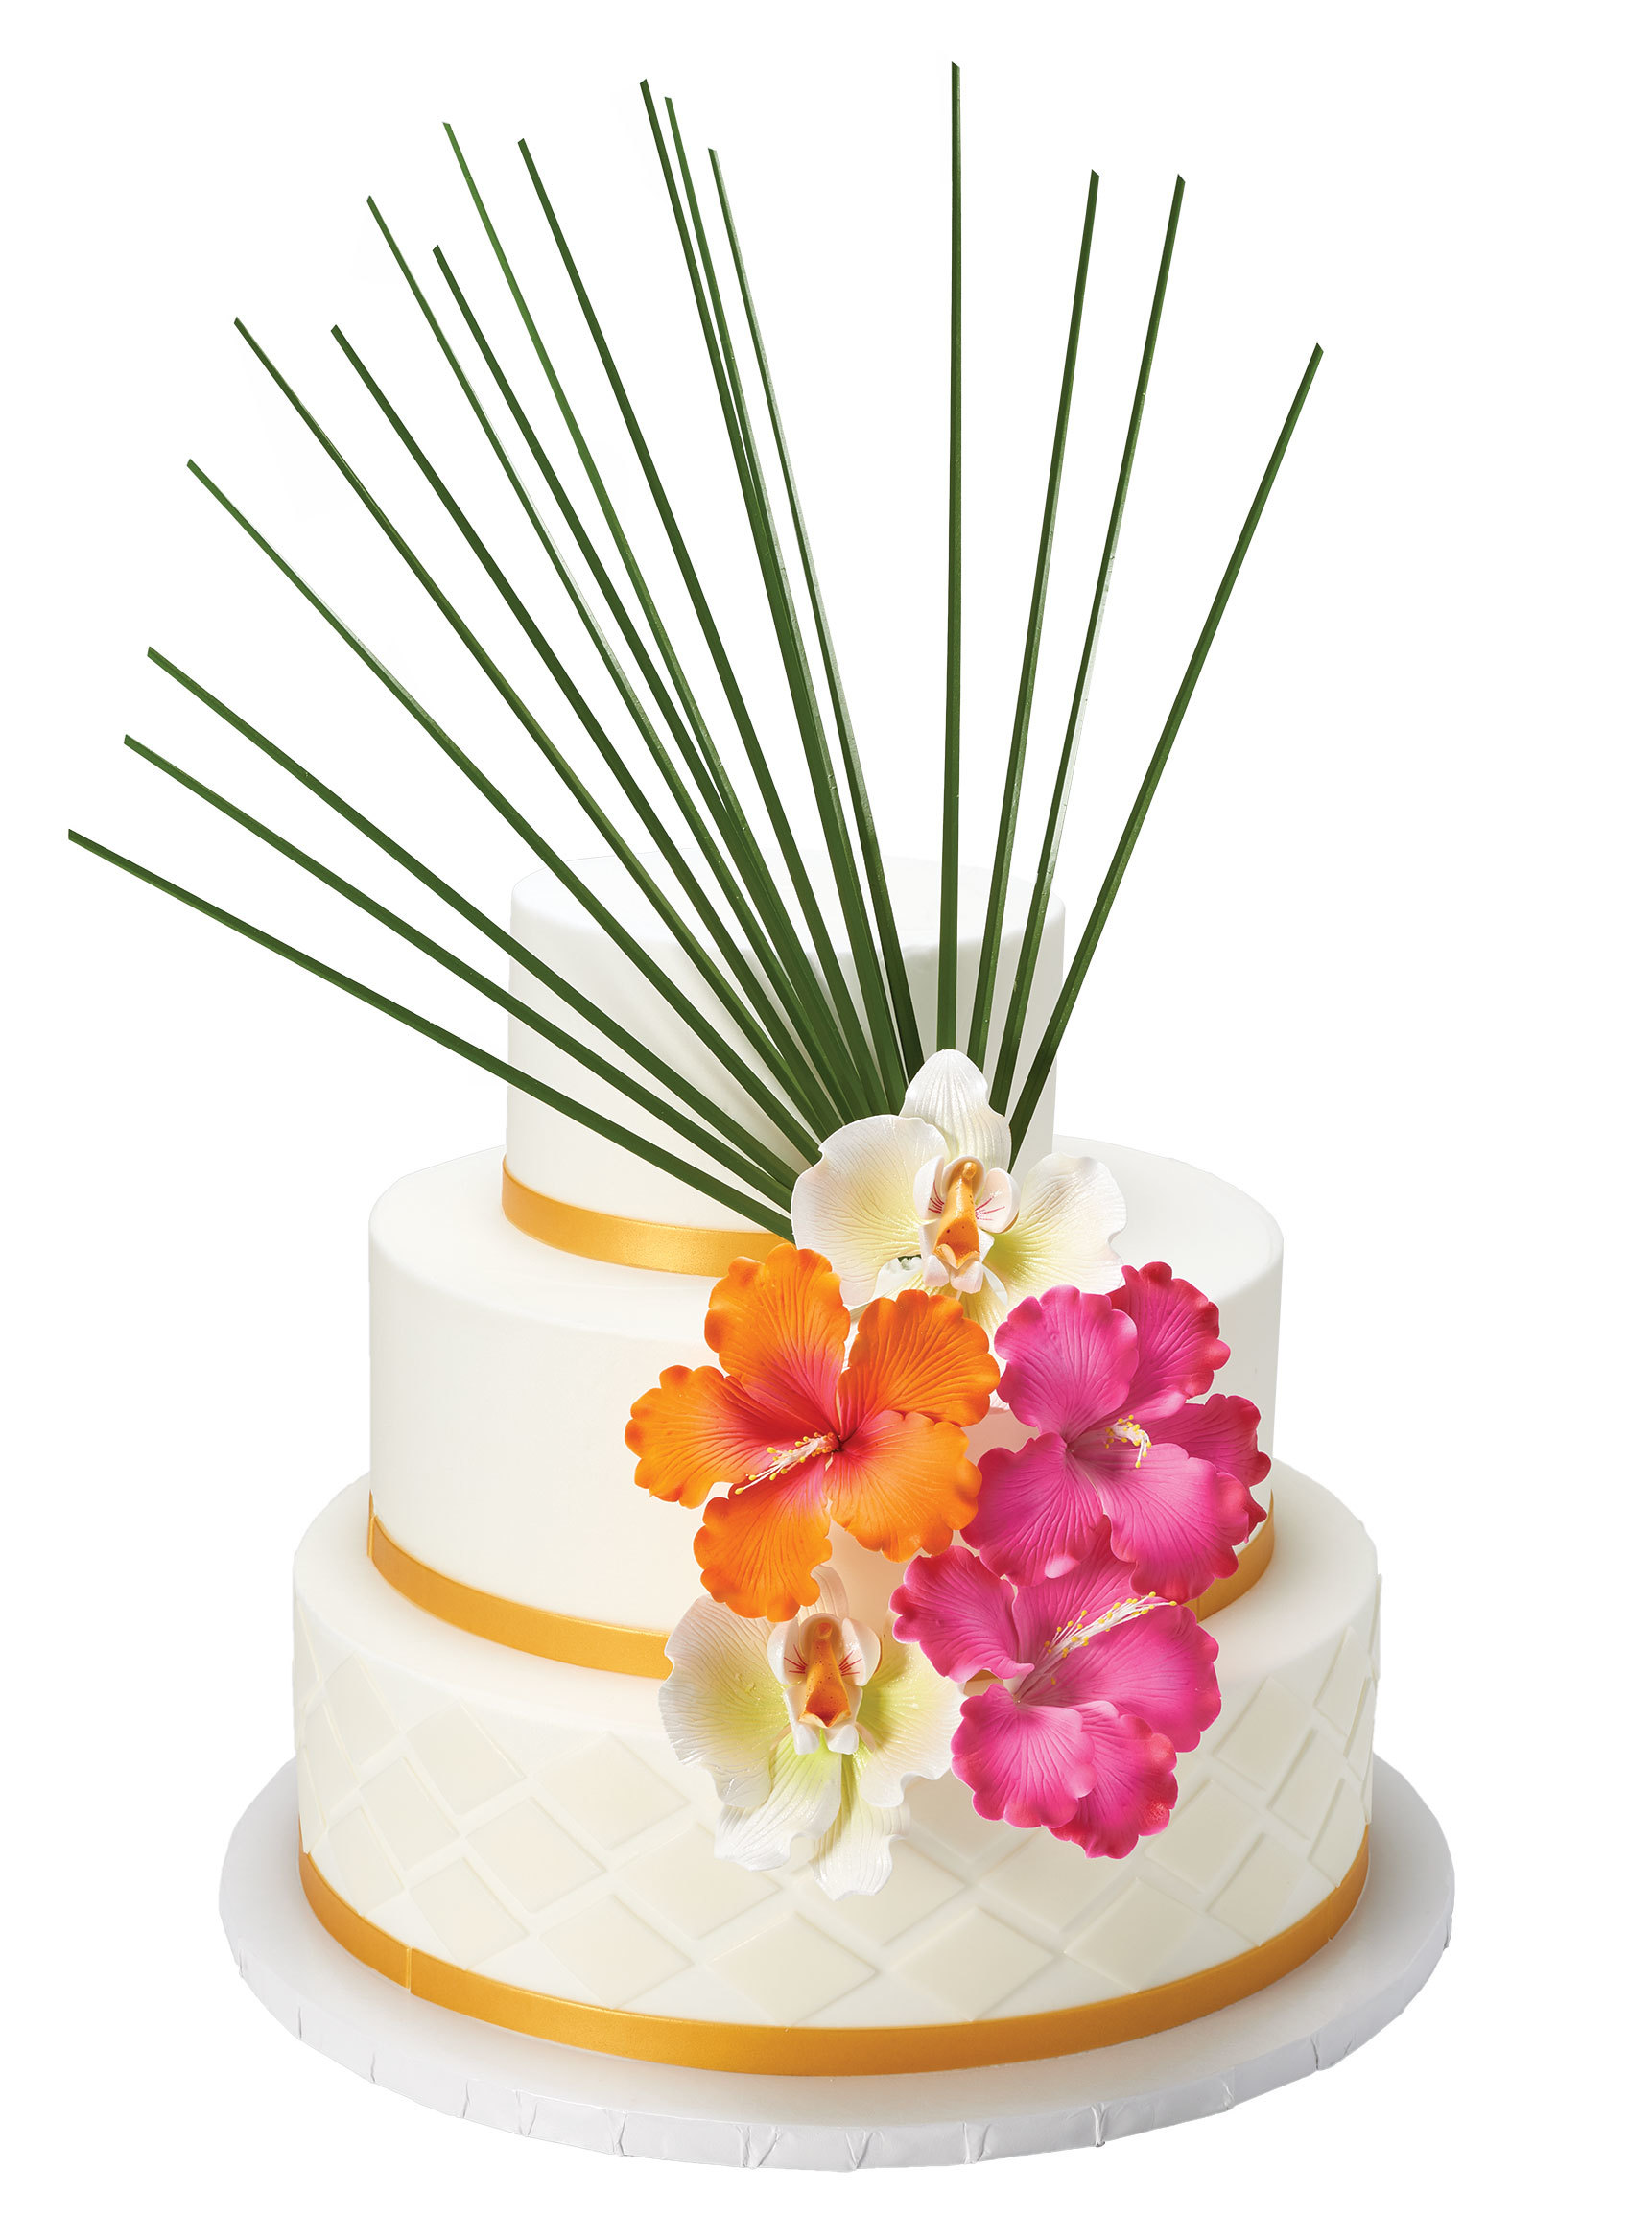 Tropical Dream Cake Design | DecoPac